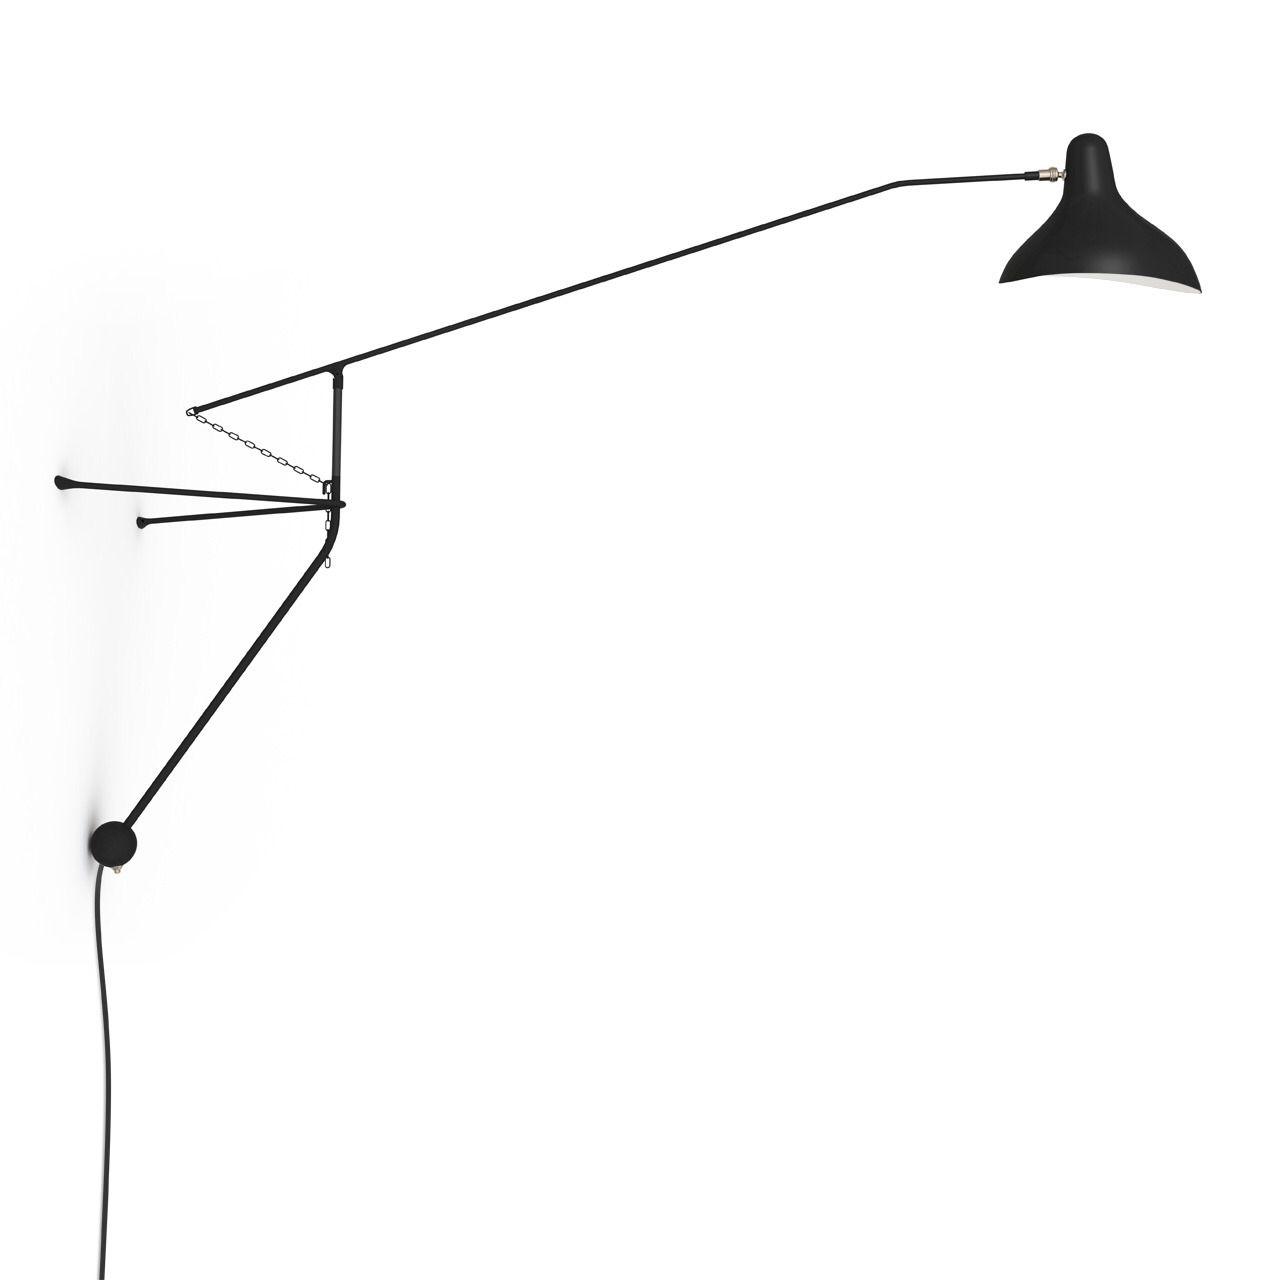 Wandleuchte Mantis 02 Wandleuchte Lampen Wand